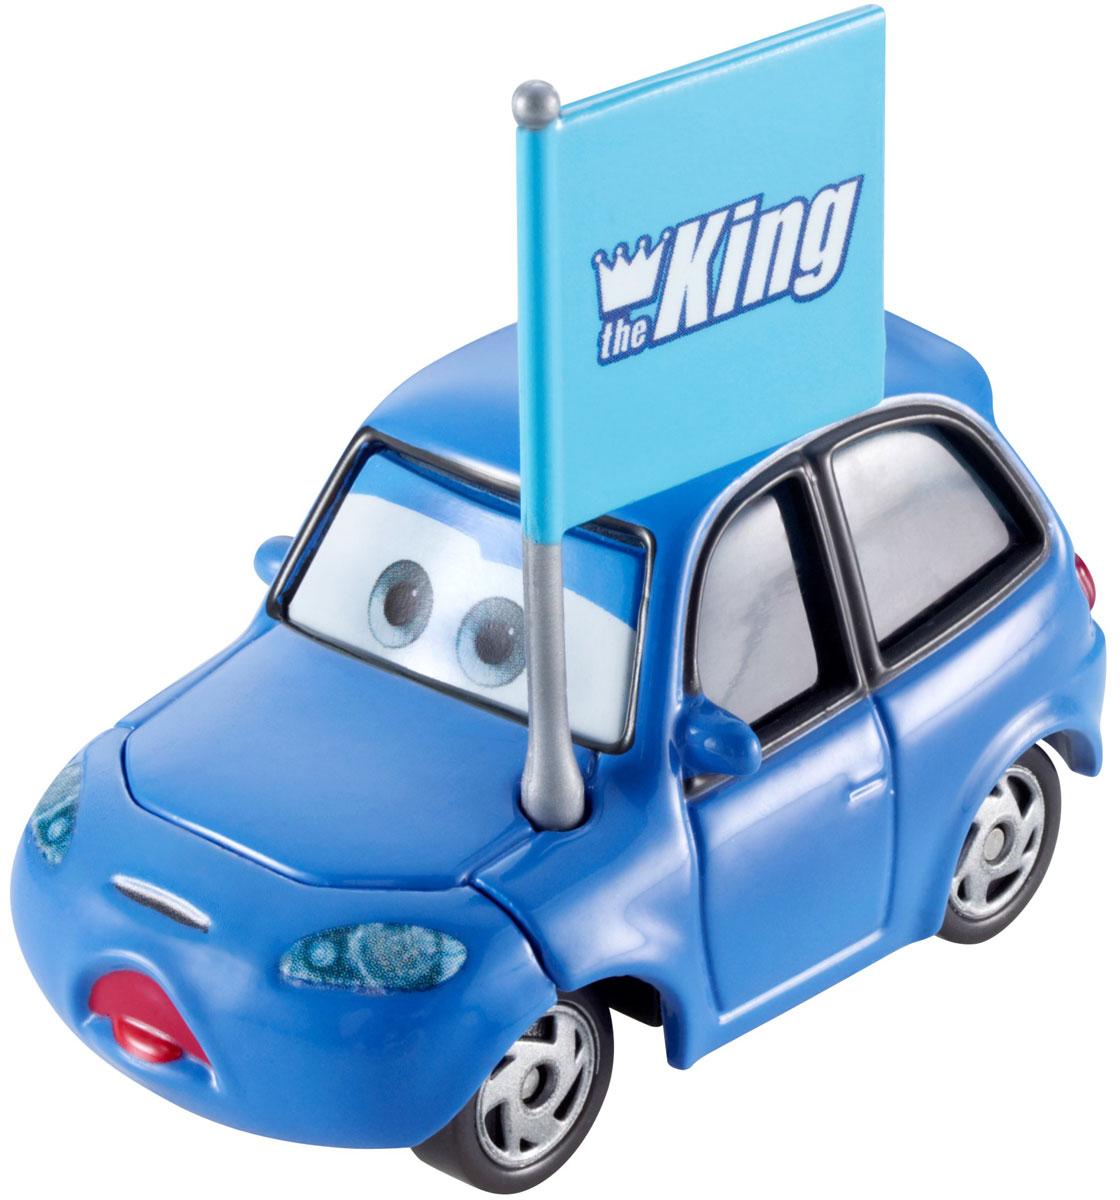 Cars Машинка Мэтью Свой парень Маккрос ваза лабиринт 25 5 см 99j52 crystallite 1033840